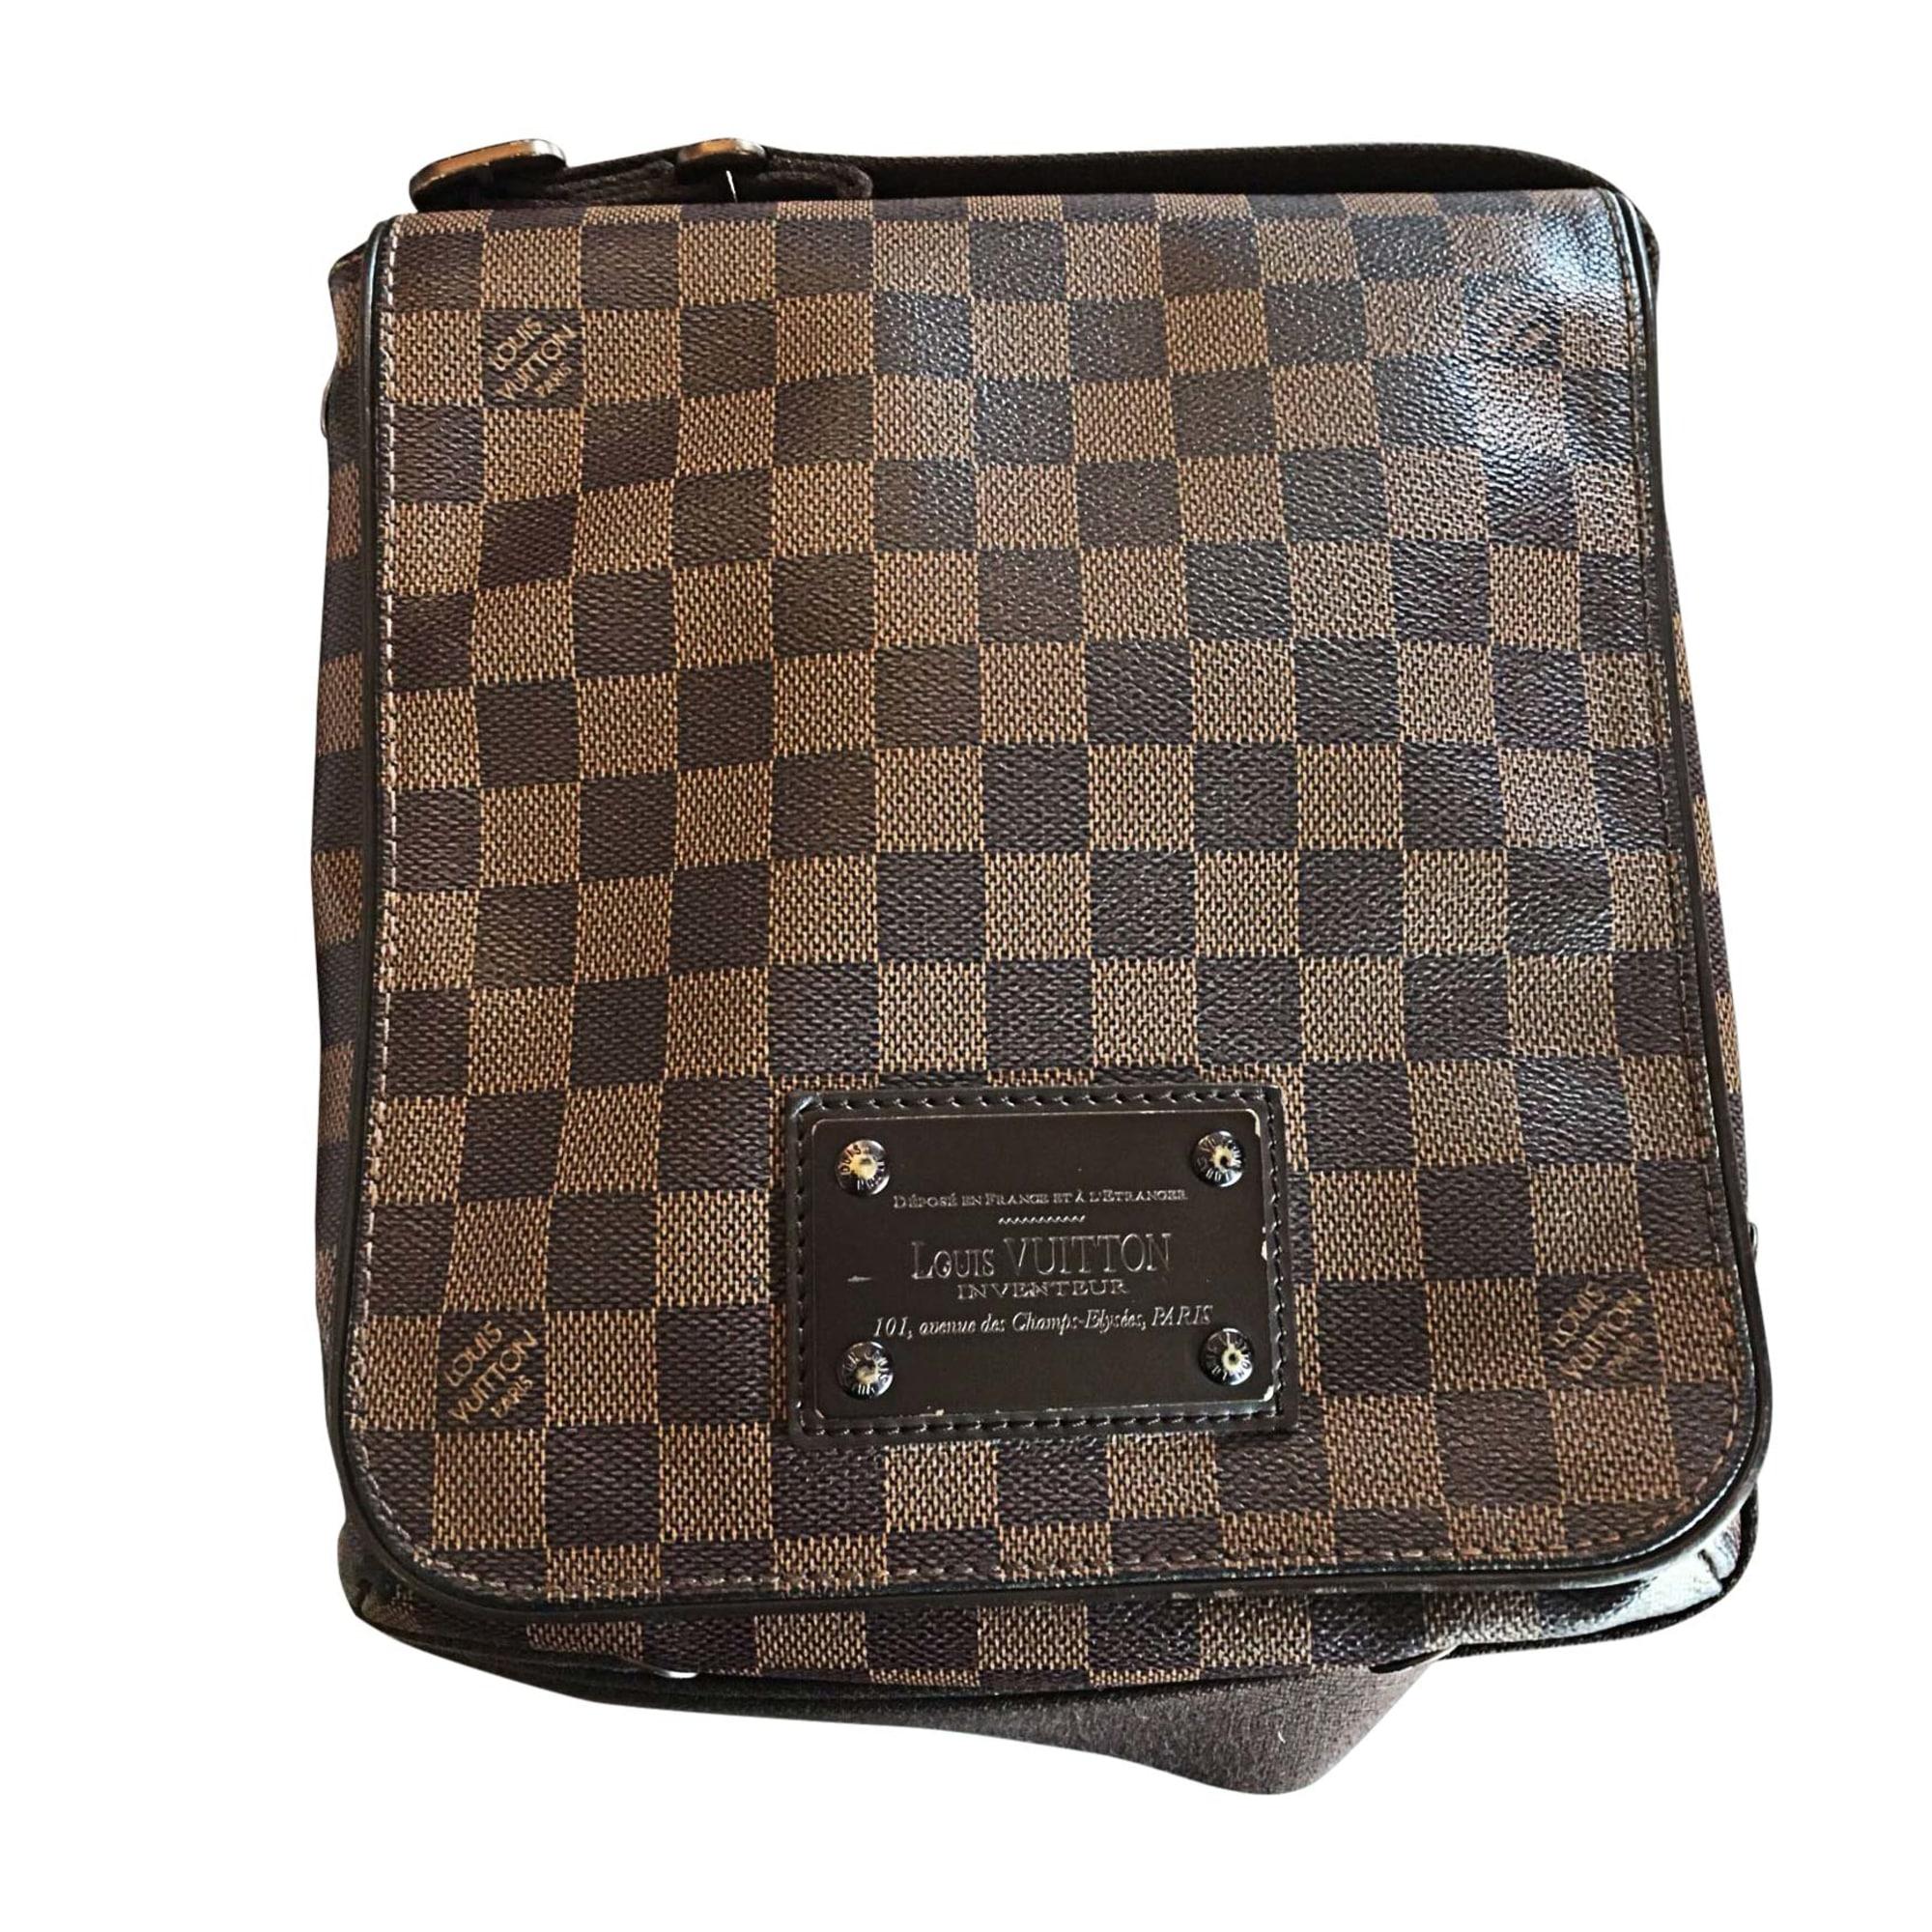 c028a1cd620b Sac en bandoulière LOUIS VUITTON damier lv vendu par Mathieu 779 ...